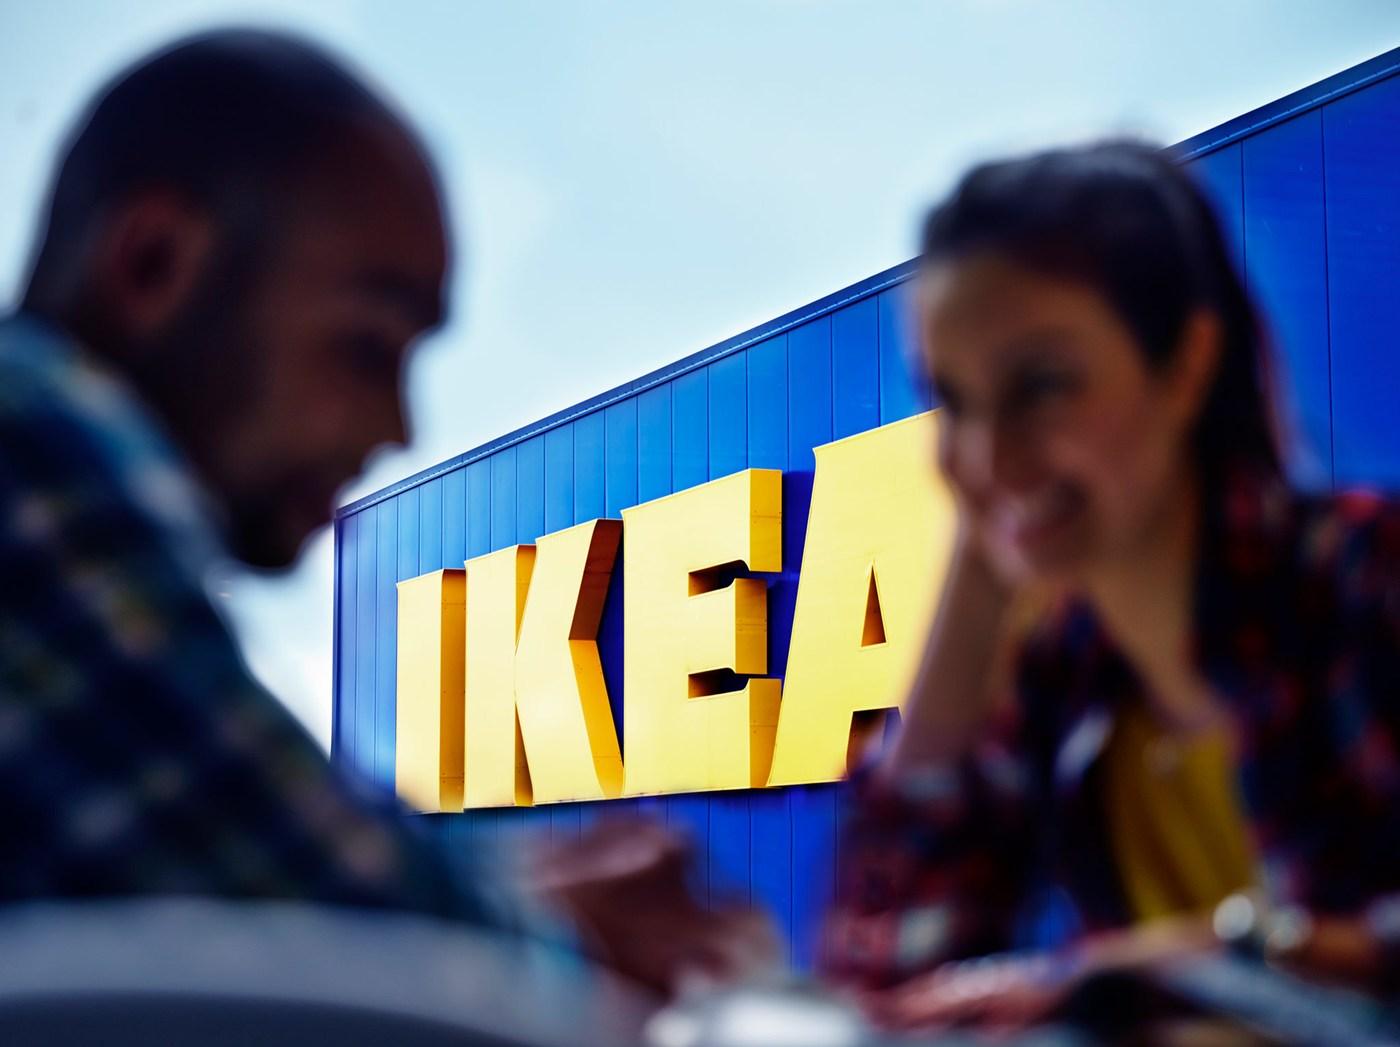 IKEA wurde in Älmhult in Schweden gegründet, ist heute aber ein internationales Unternehmen. Das IKEA Logo is gelb und blau, wie die schwedische Flagge.